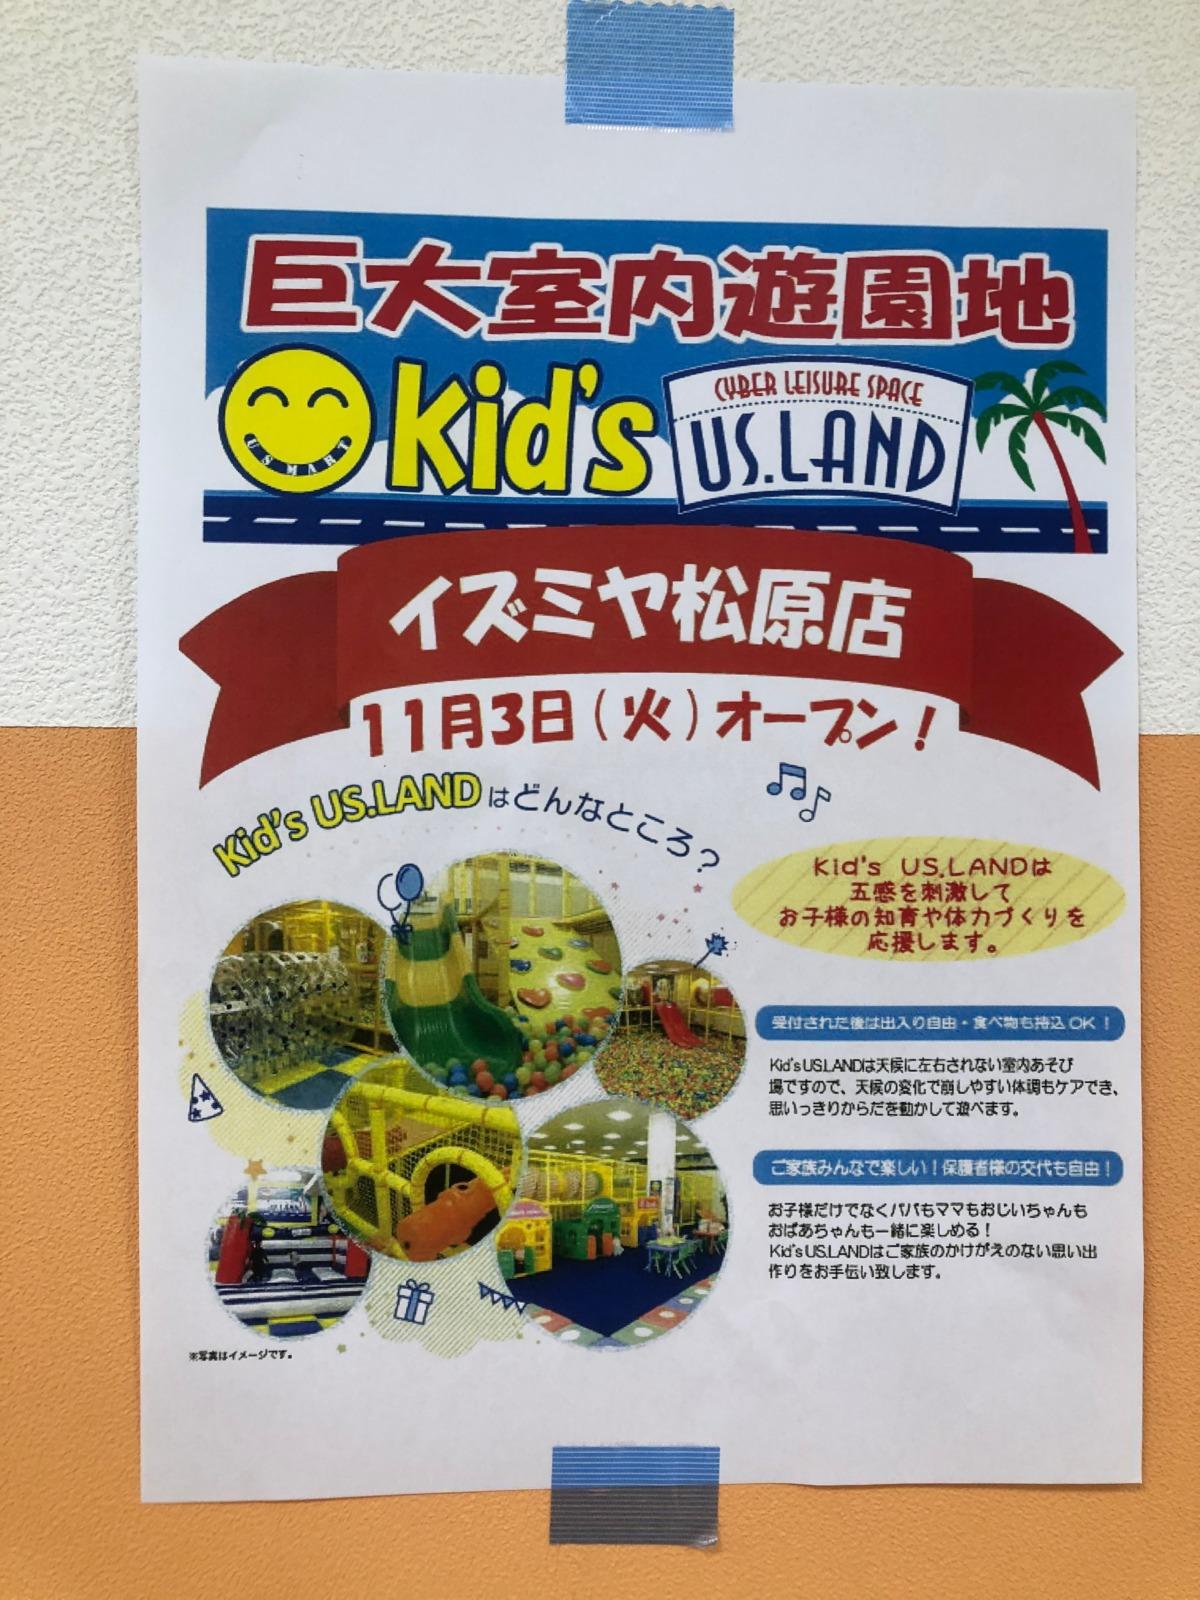 【2020.11/3(祝・火)オープン】松原市・関西最大級!お子さまもママも大喜びの『KID's US.LAND(キッズユーエスランド)』がイズミヤ松原店にオープンしました♪: